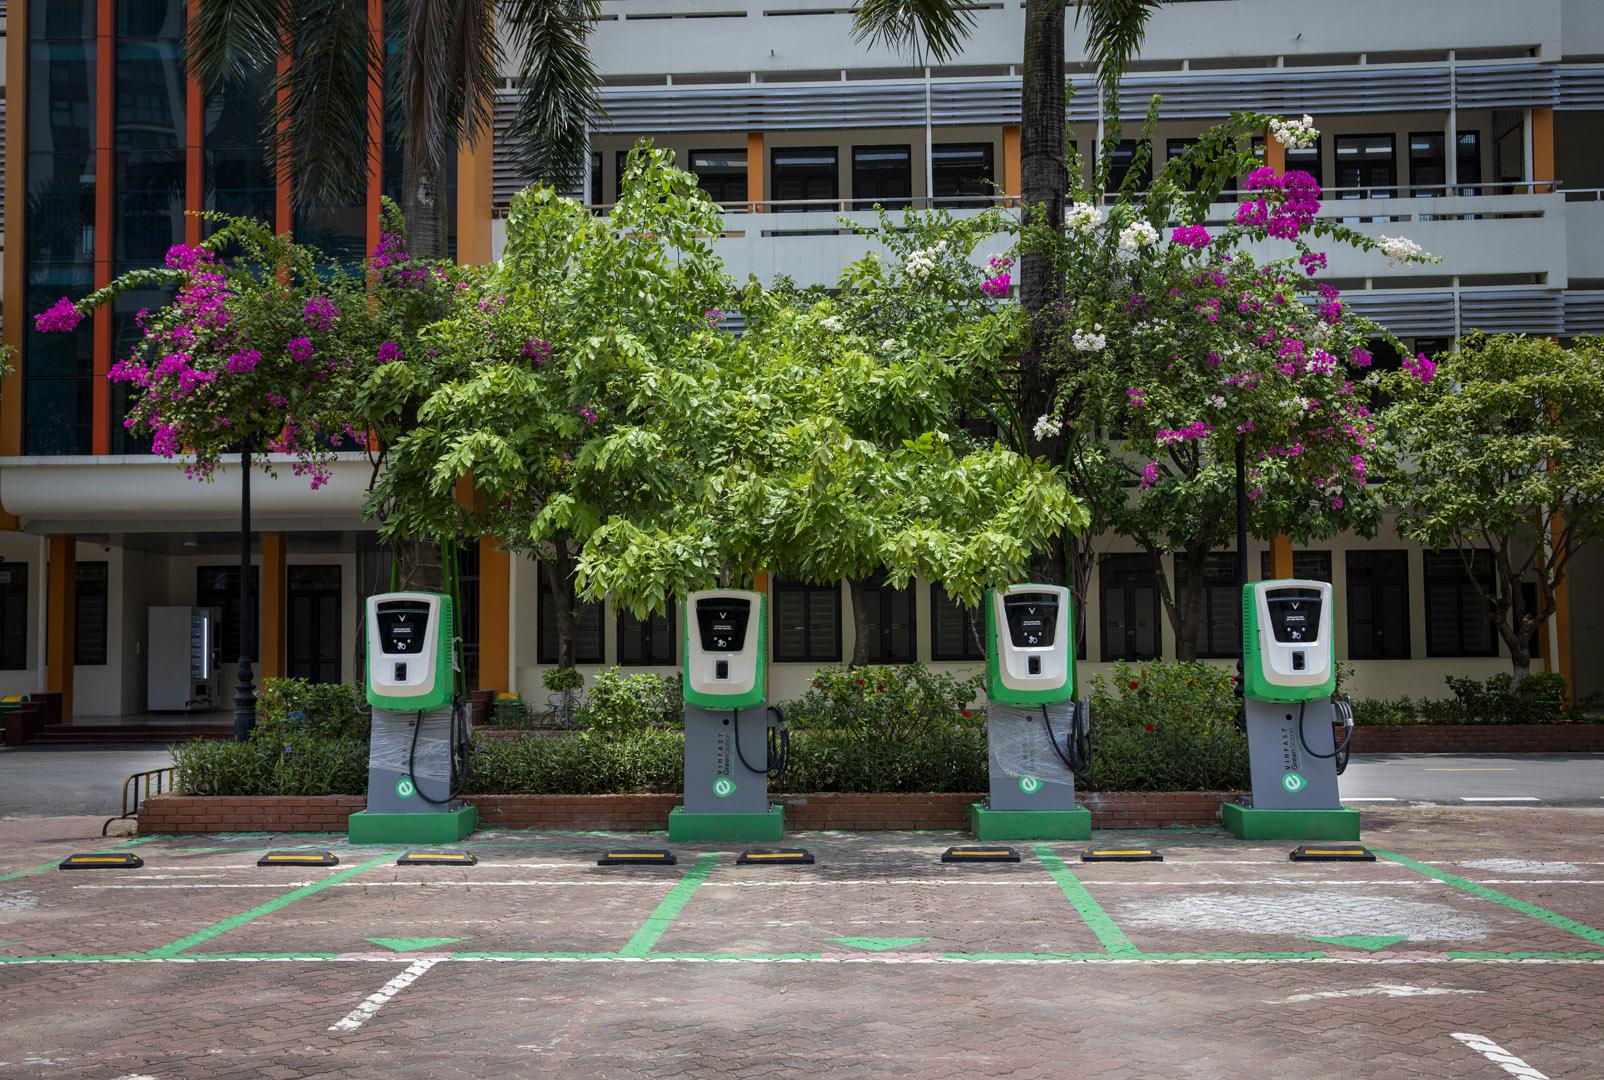 VinFast lắp đặt thần tốc hơn 8.100 cổng sạc ô tô, xe máy điện tại 60 tỉnh thành - Ảnh 2.